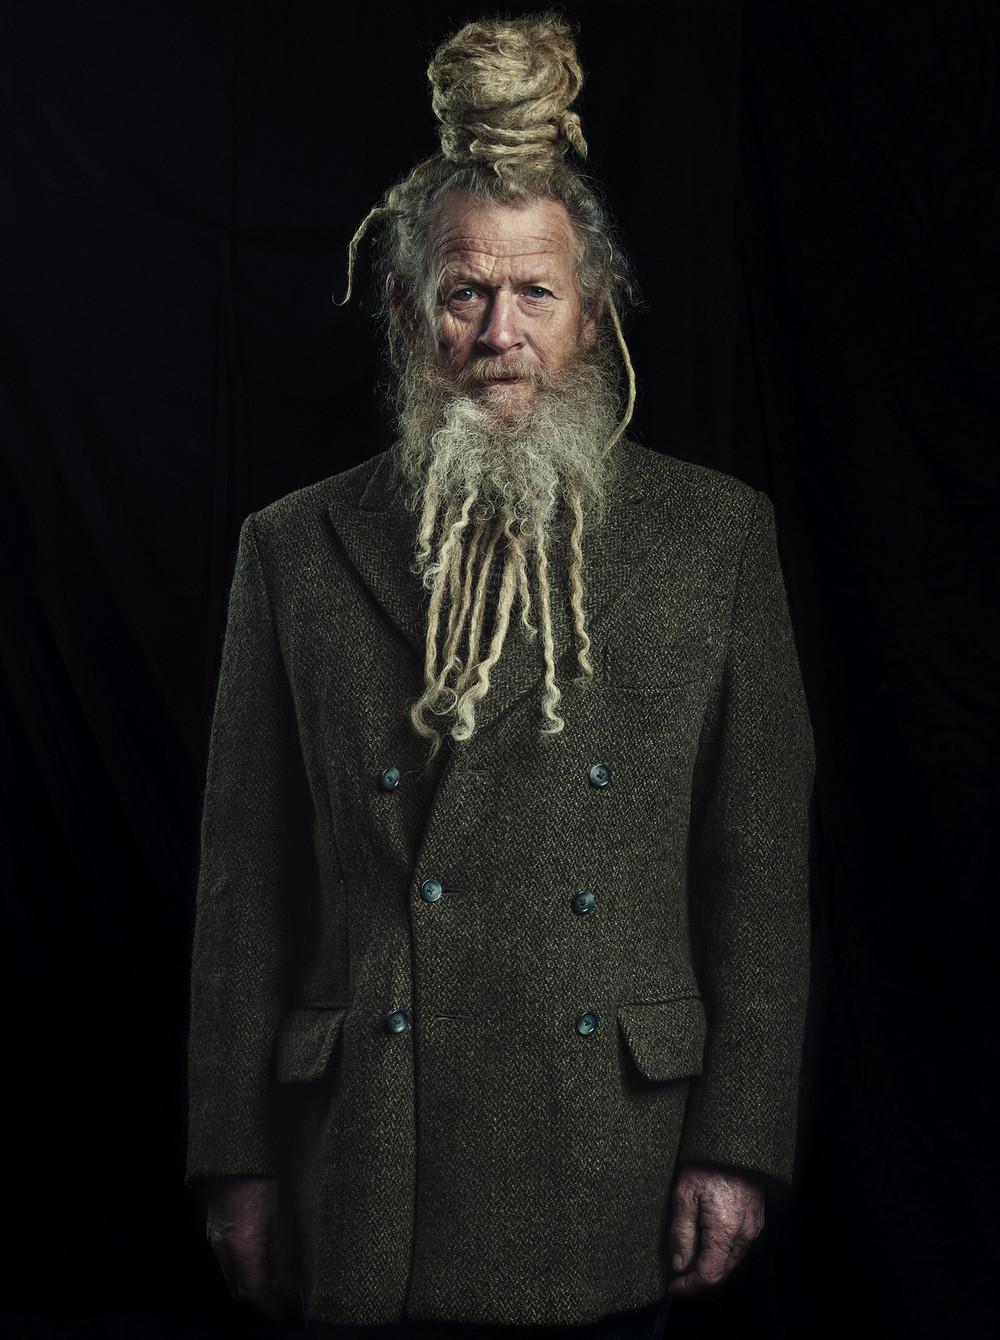 Тайна в лицах на снимках фотографа Билли Пламмера